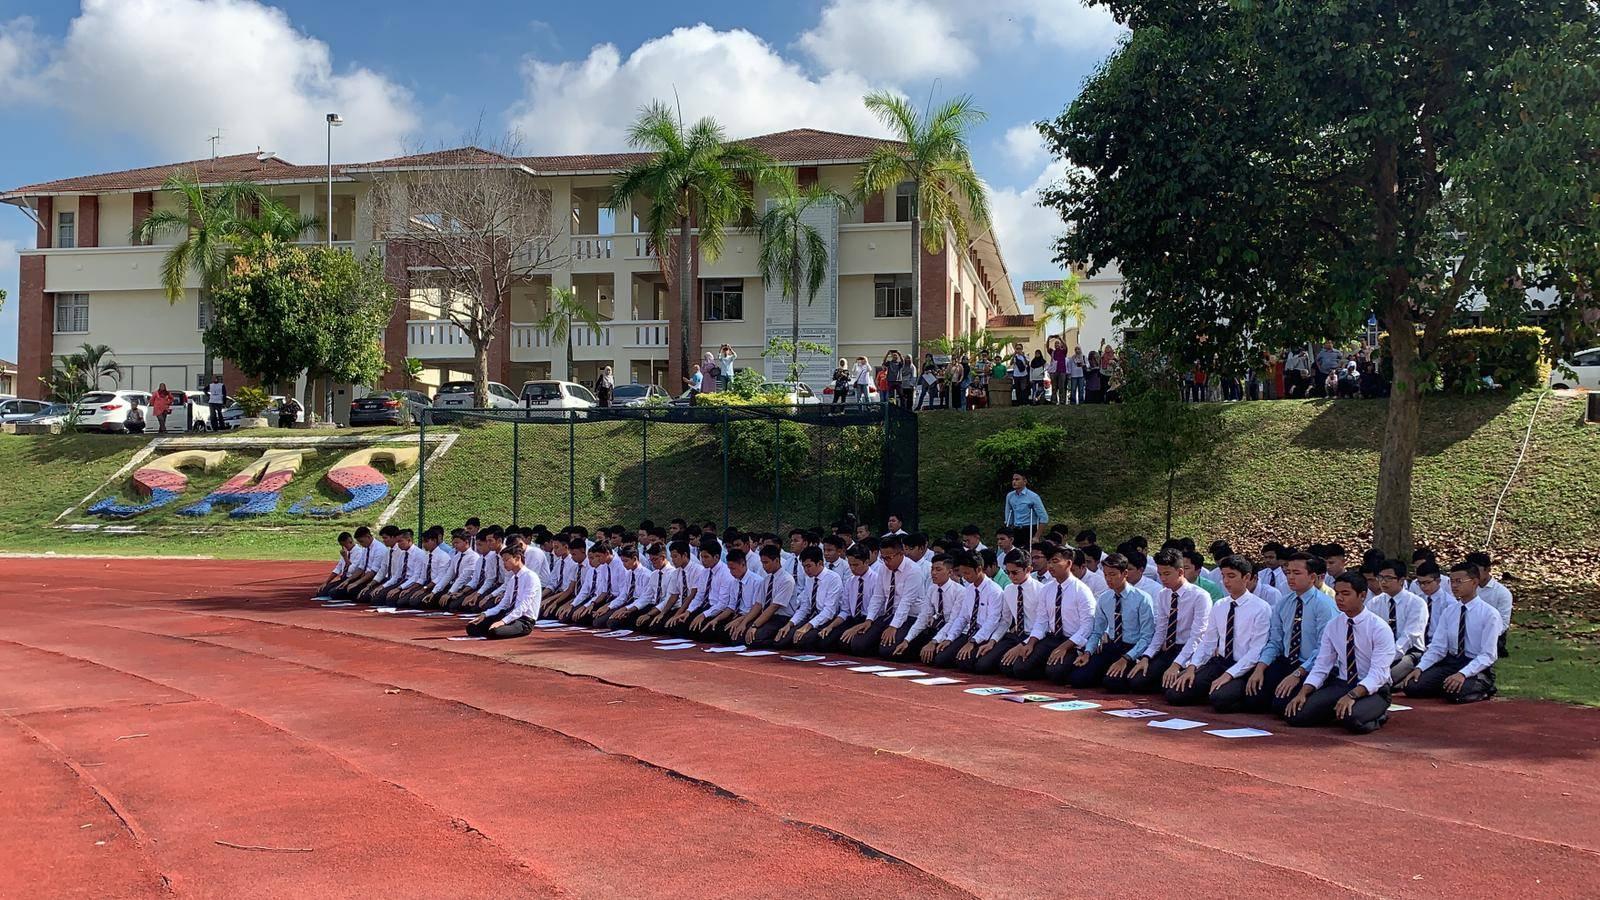 Pelajar Sultan Alam Shah Putrajaya Sujud Syukur Di Padang Sekolah Selepas Dapat Keputusan Cemerlang Pt3 Remaja